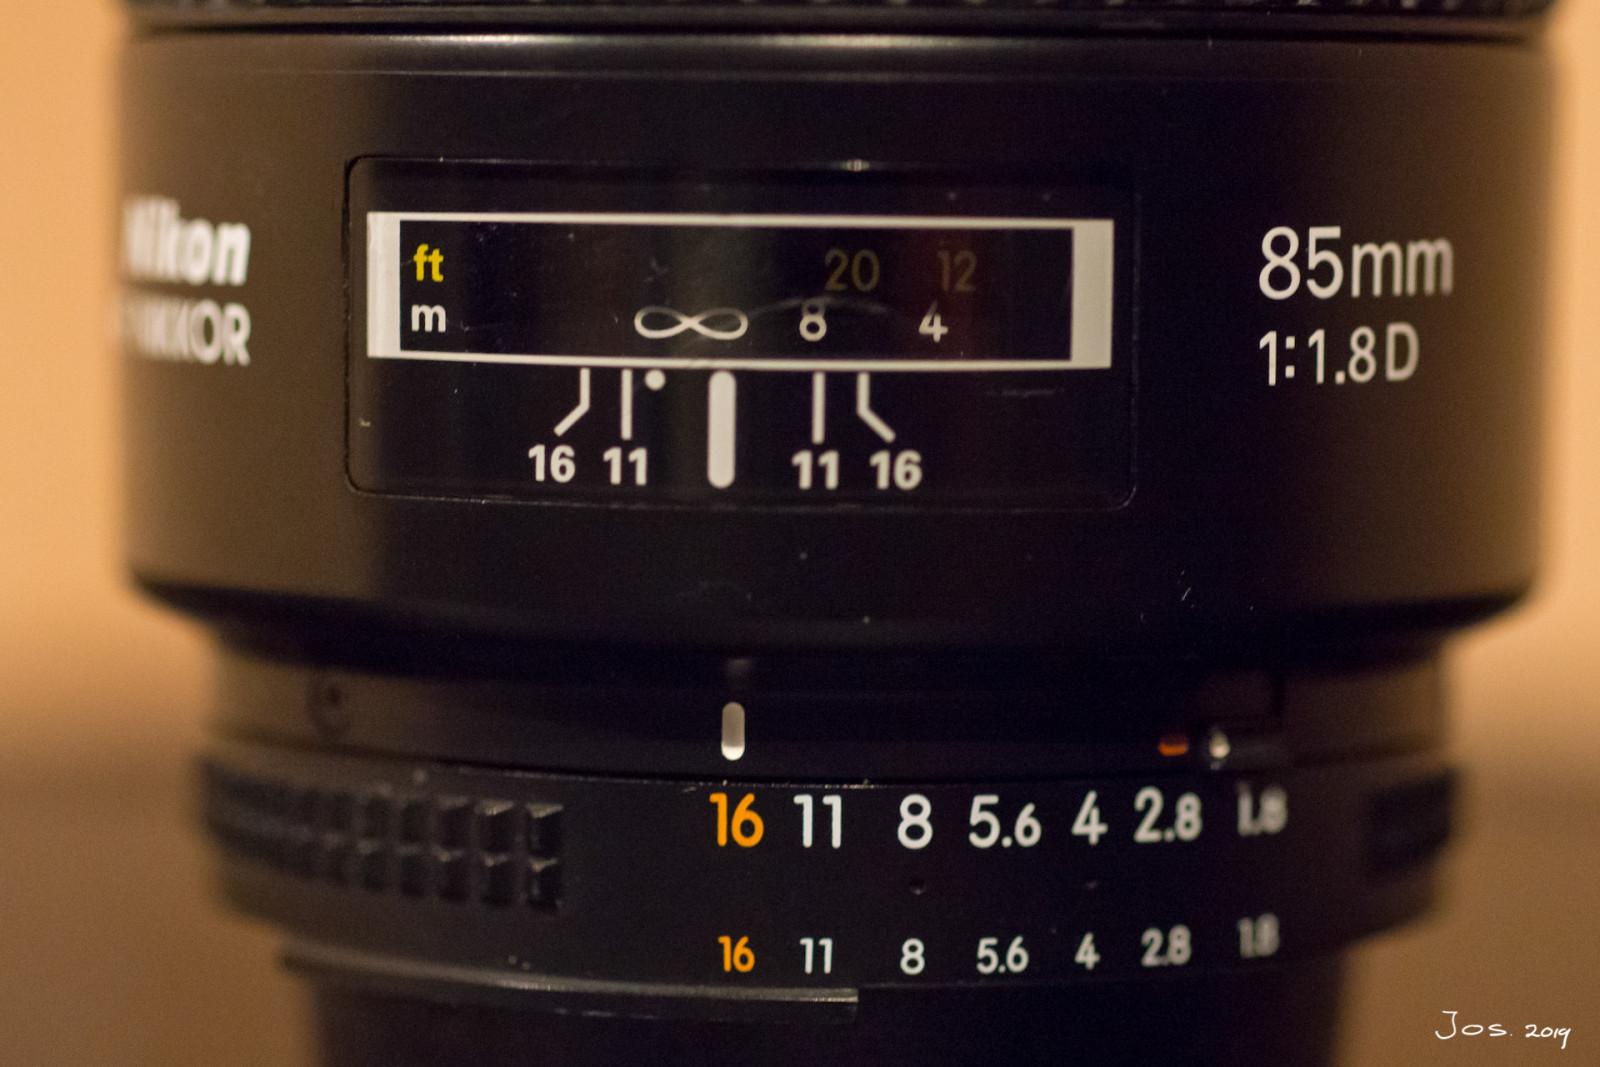 nikkor-85mm